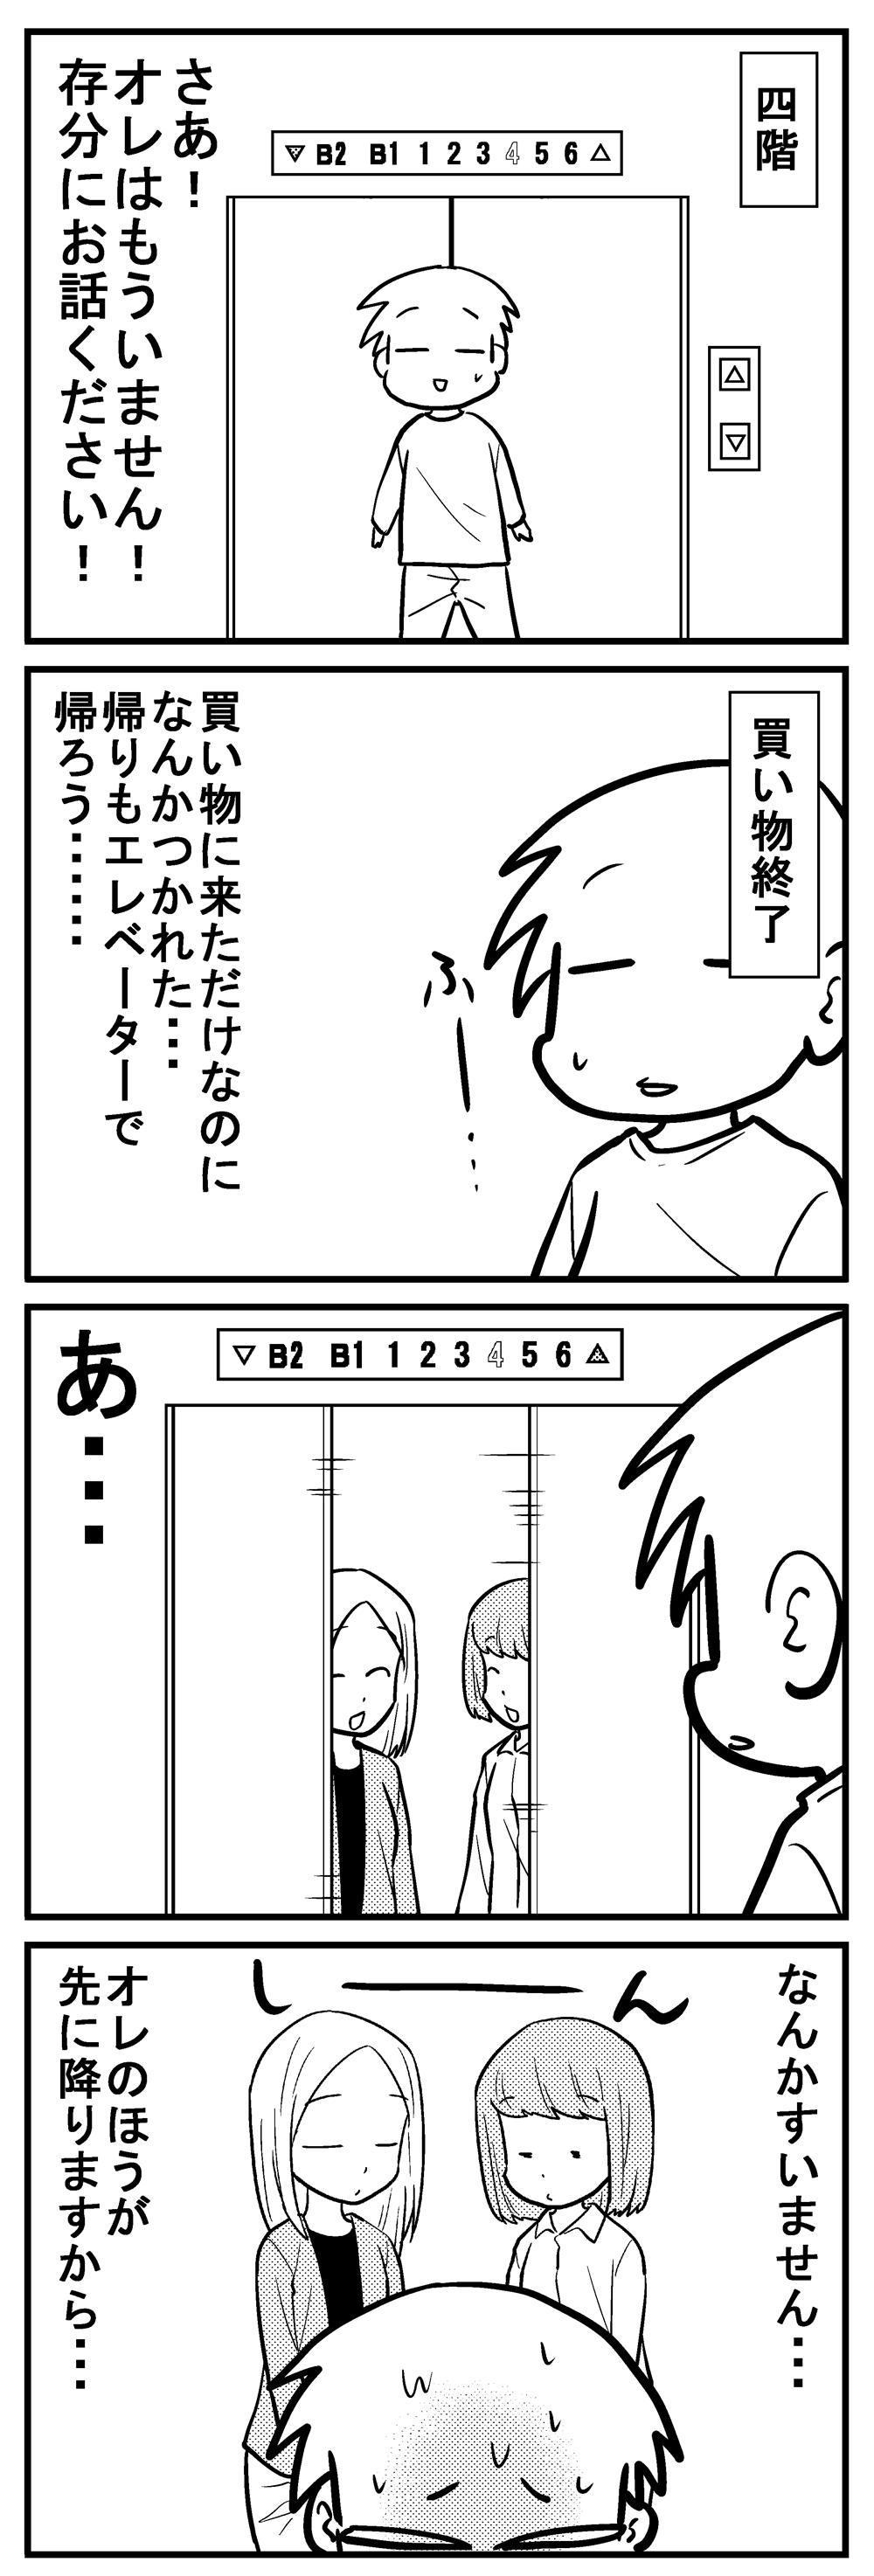 深読みくん102 4